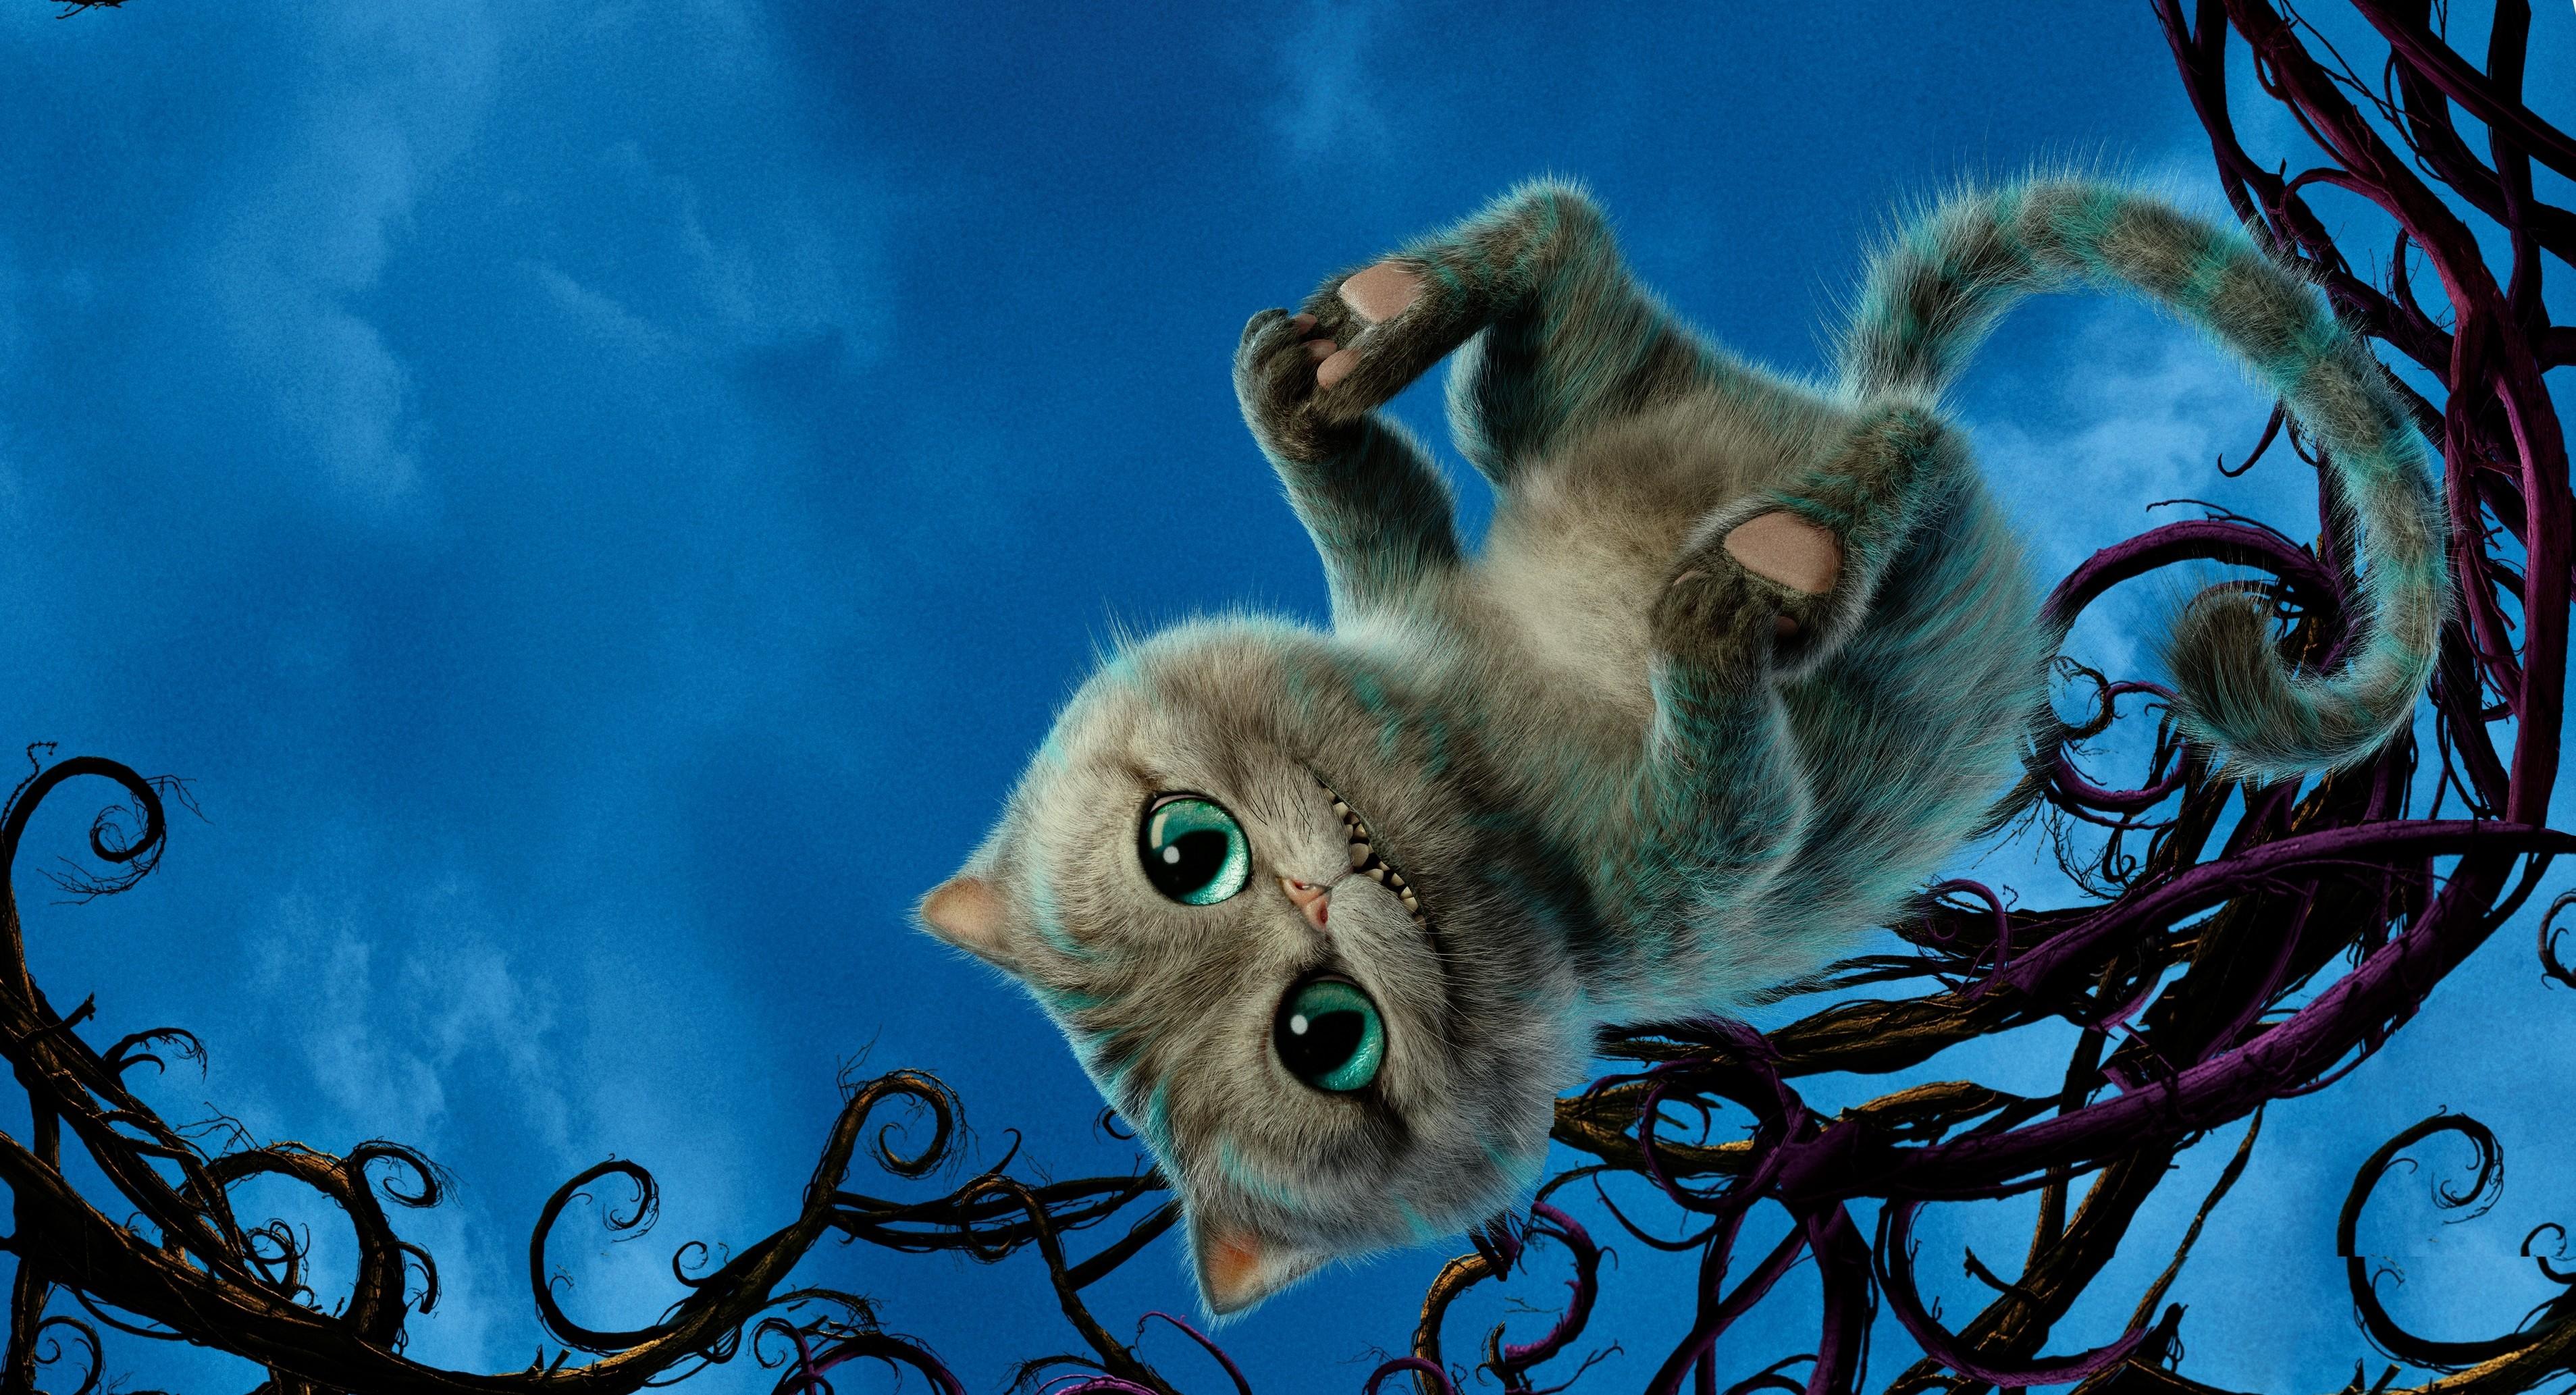 Обои Алиса в Зазеркалье, чеширский кот, шляпник, лучшие ... джонни депп цитаты